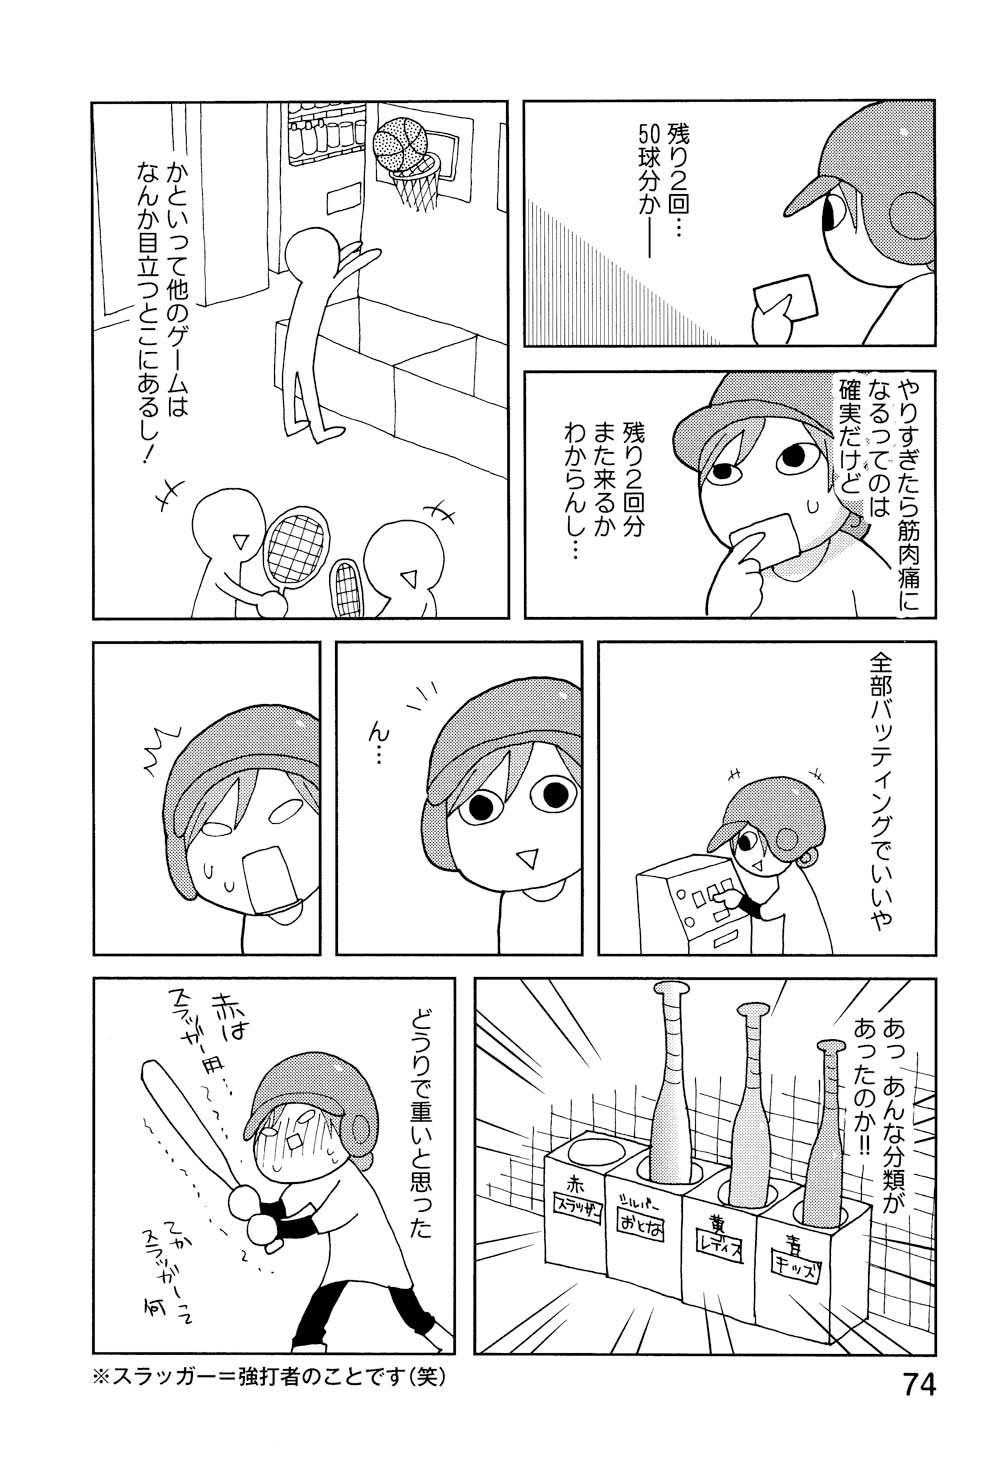 おひとりさま_075.jpg